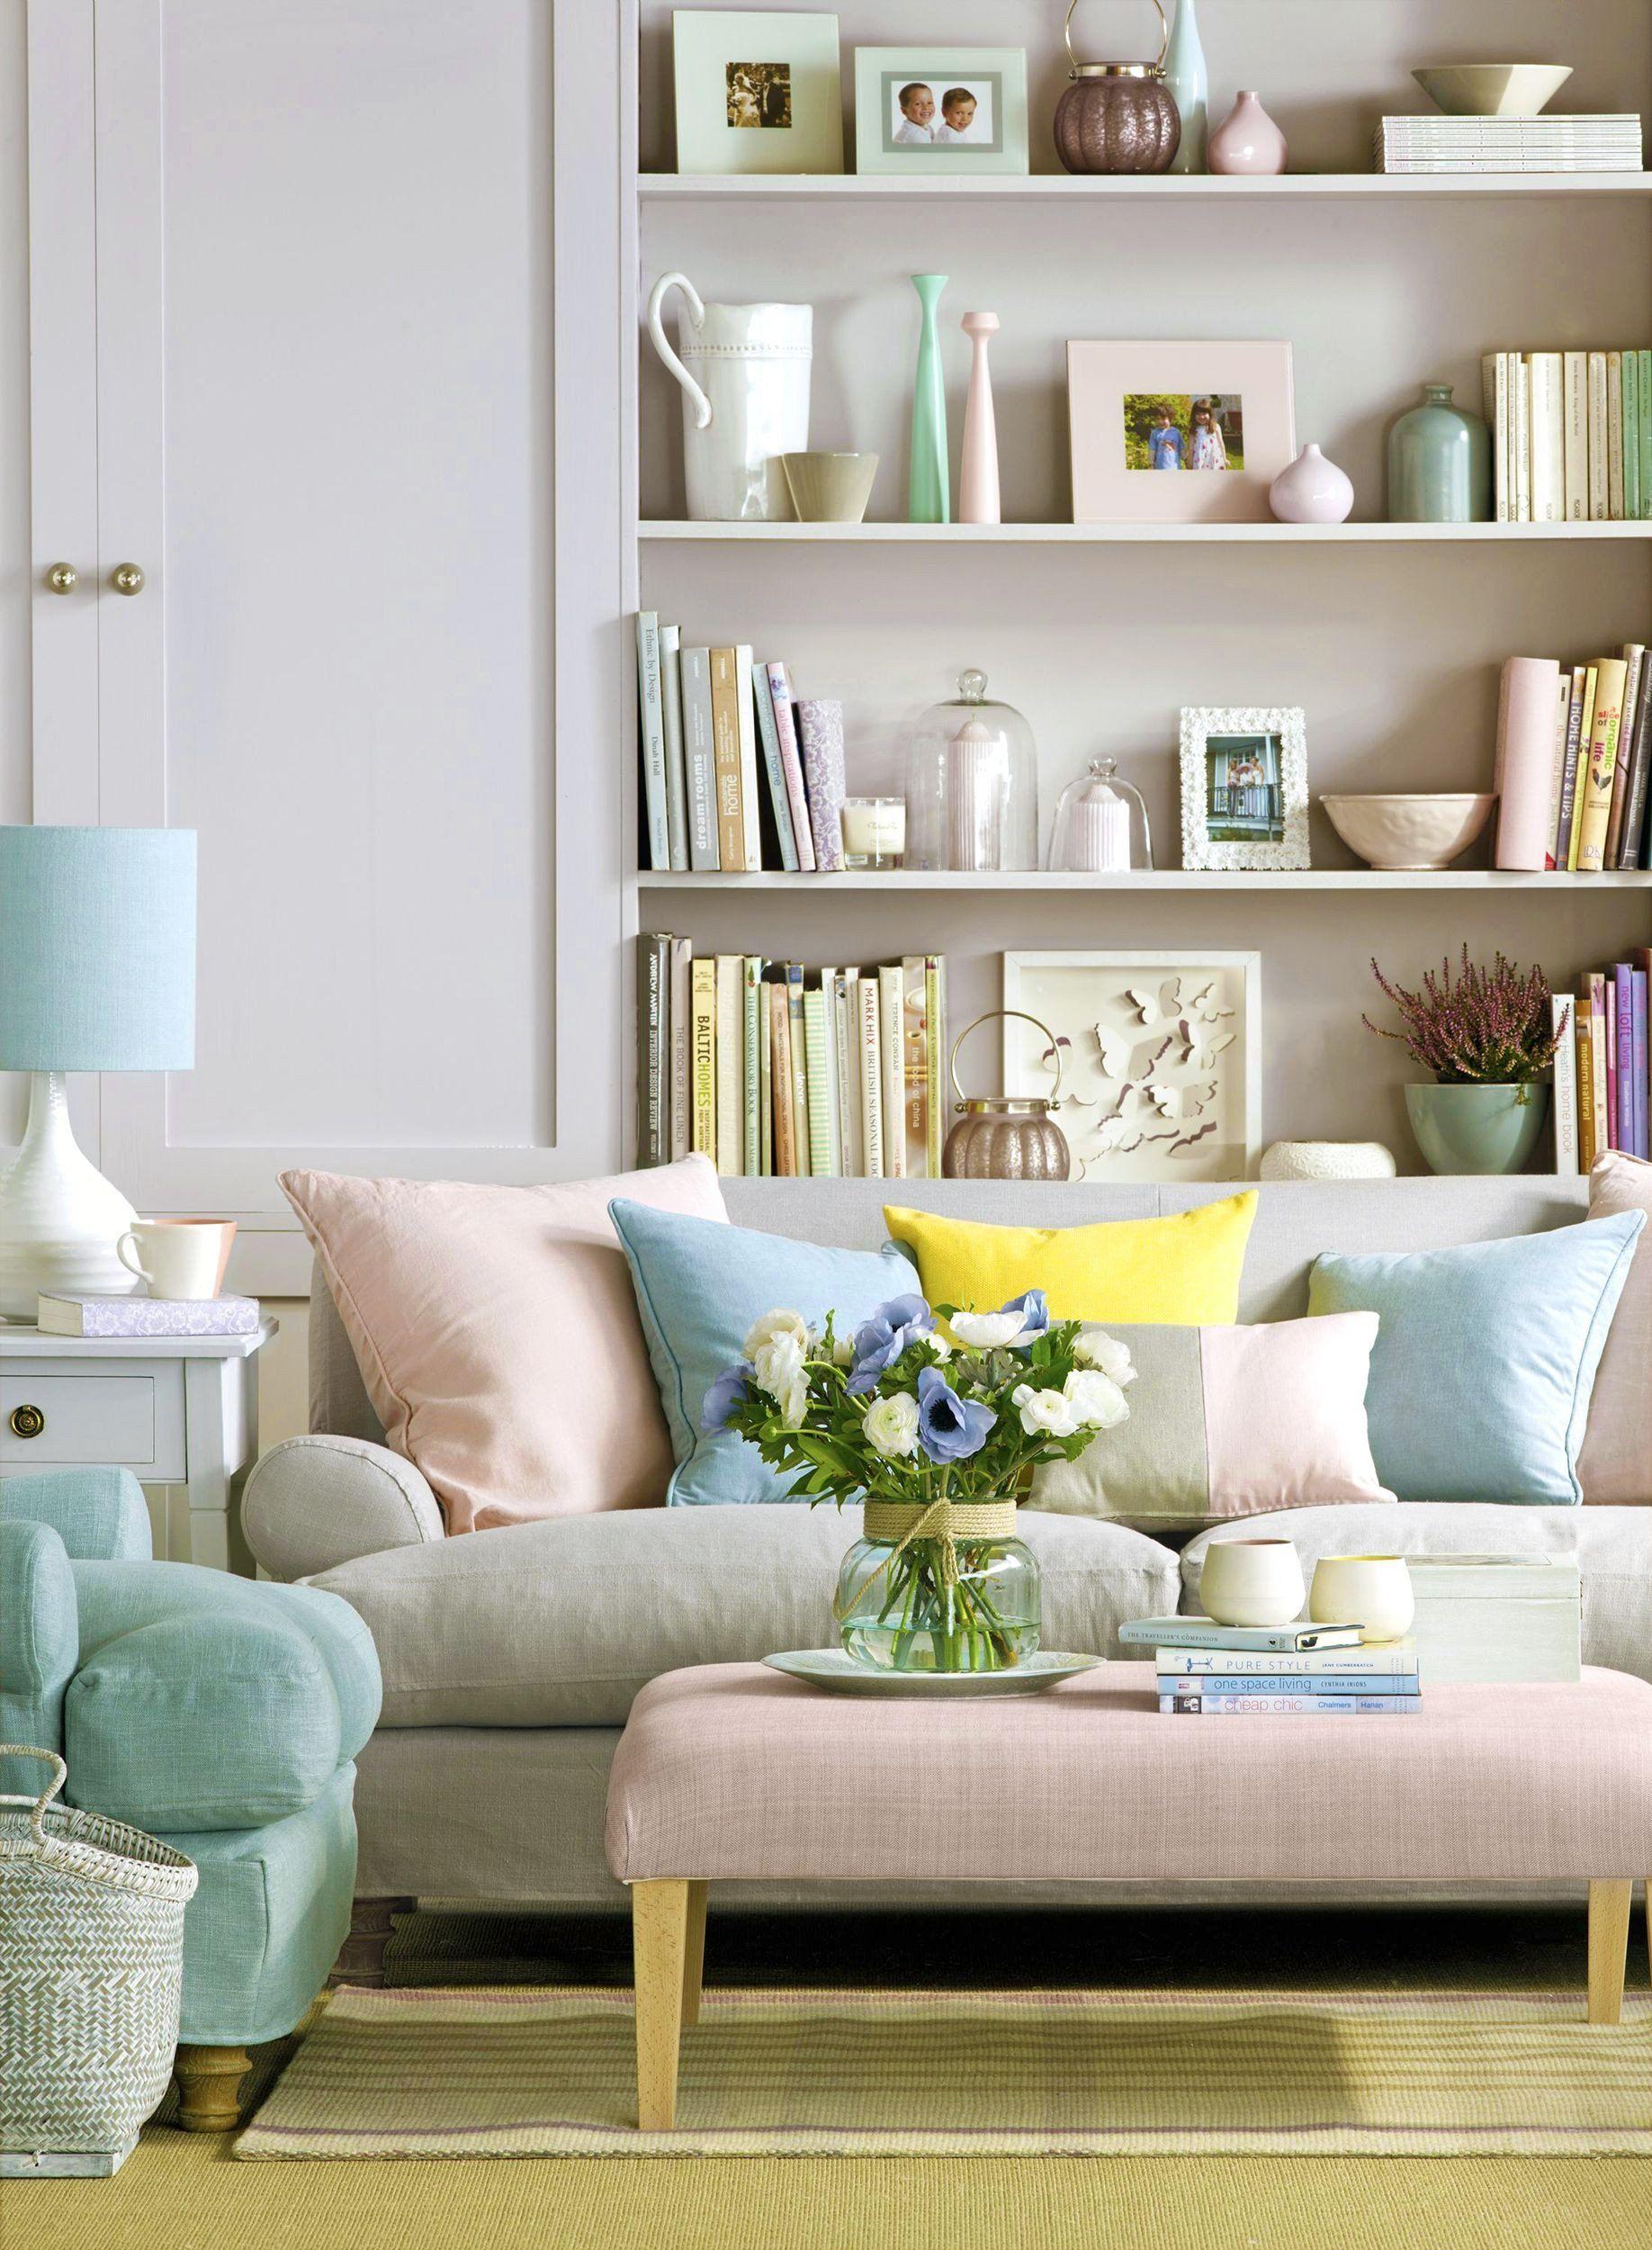 Cheap Bedroom Decor Online Shopping 20 Spring Decor Ideas to